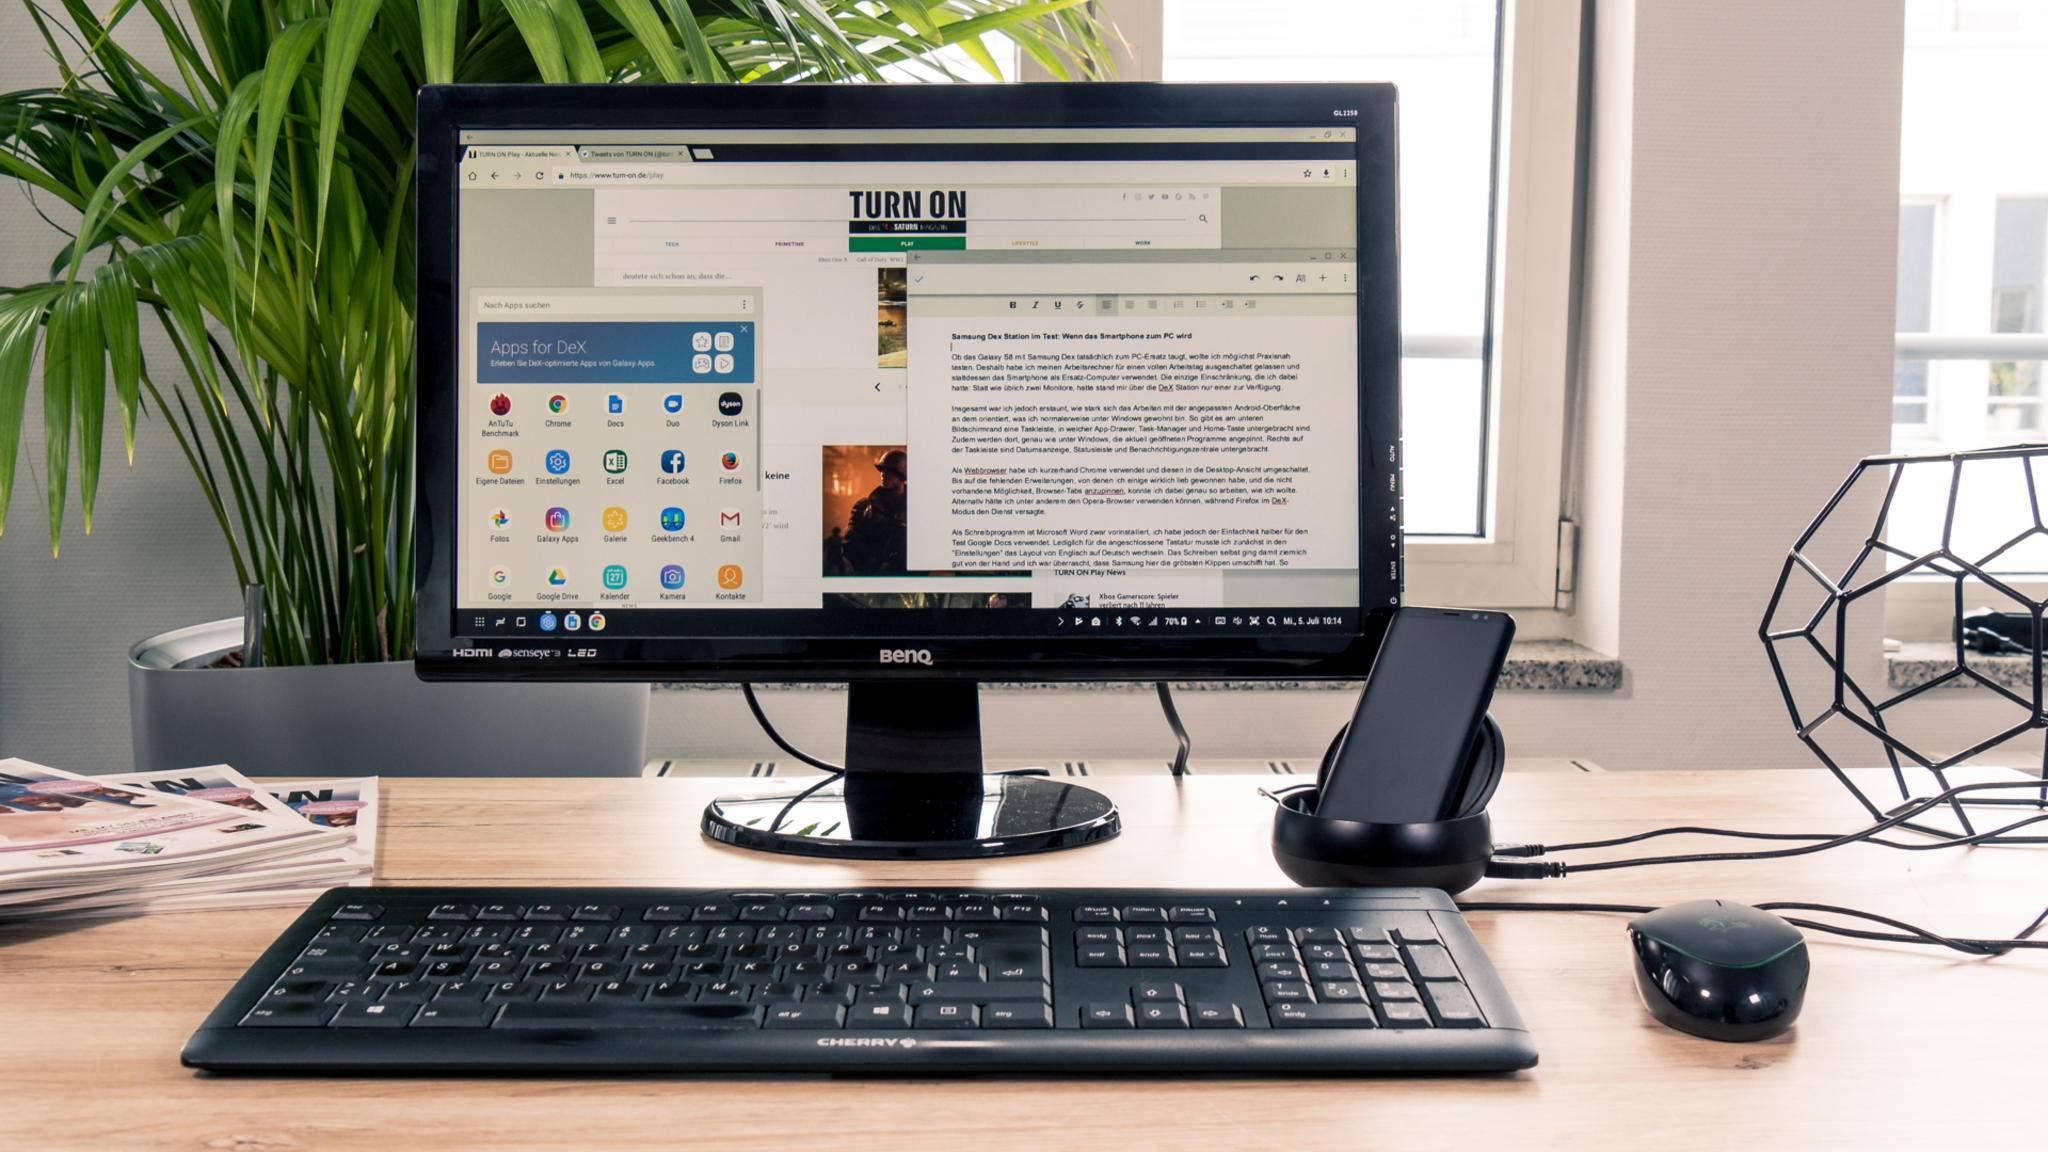 Samsung DeX bringt Android im Desktop-Modus auf den großen Bildschirm.